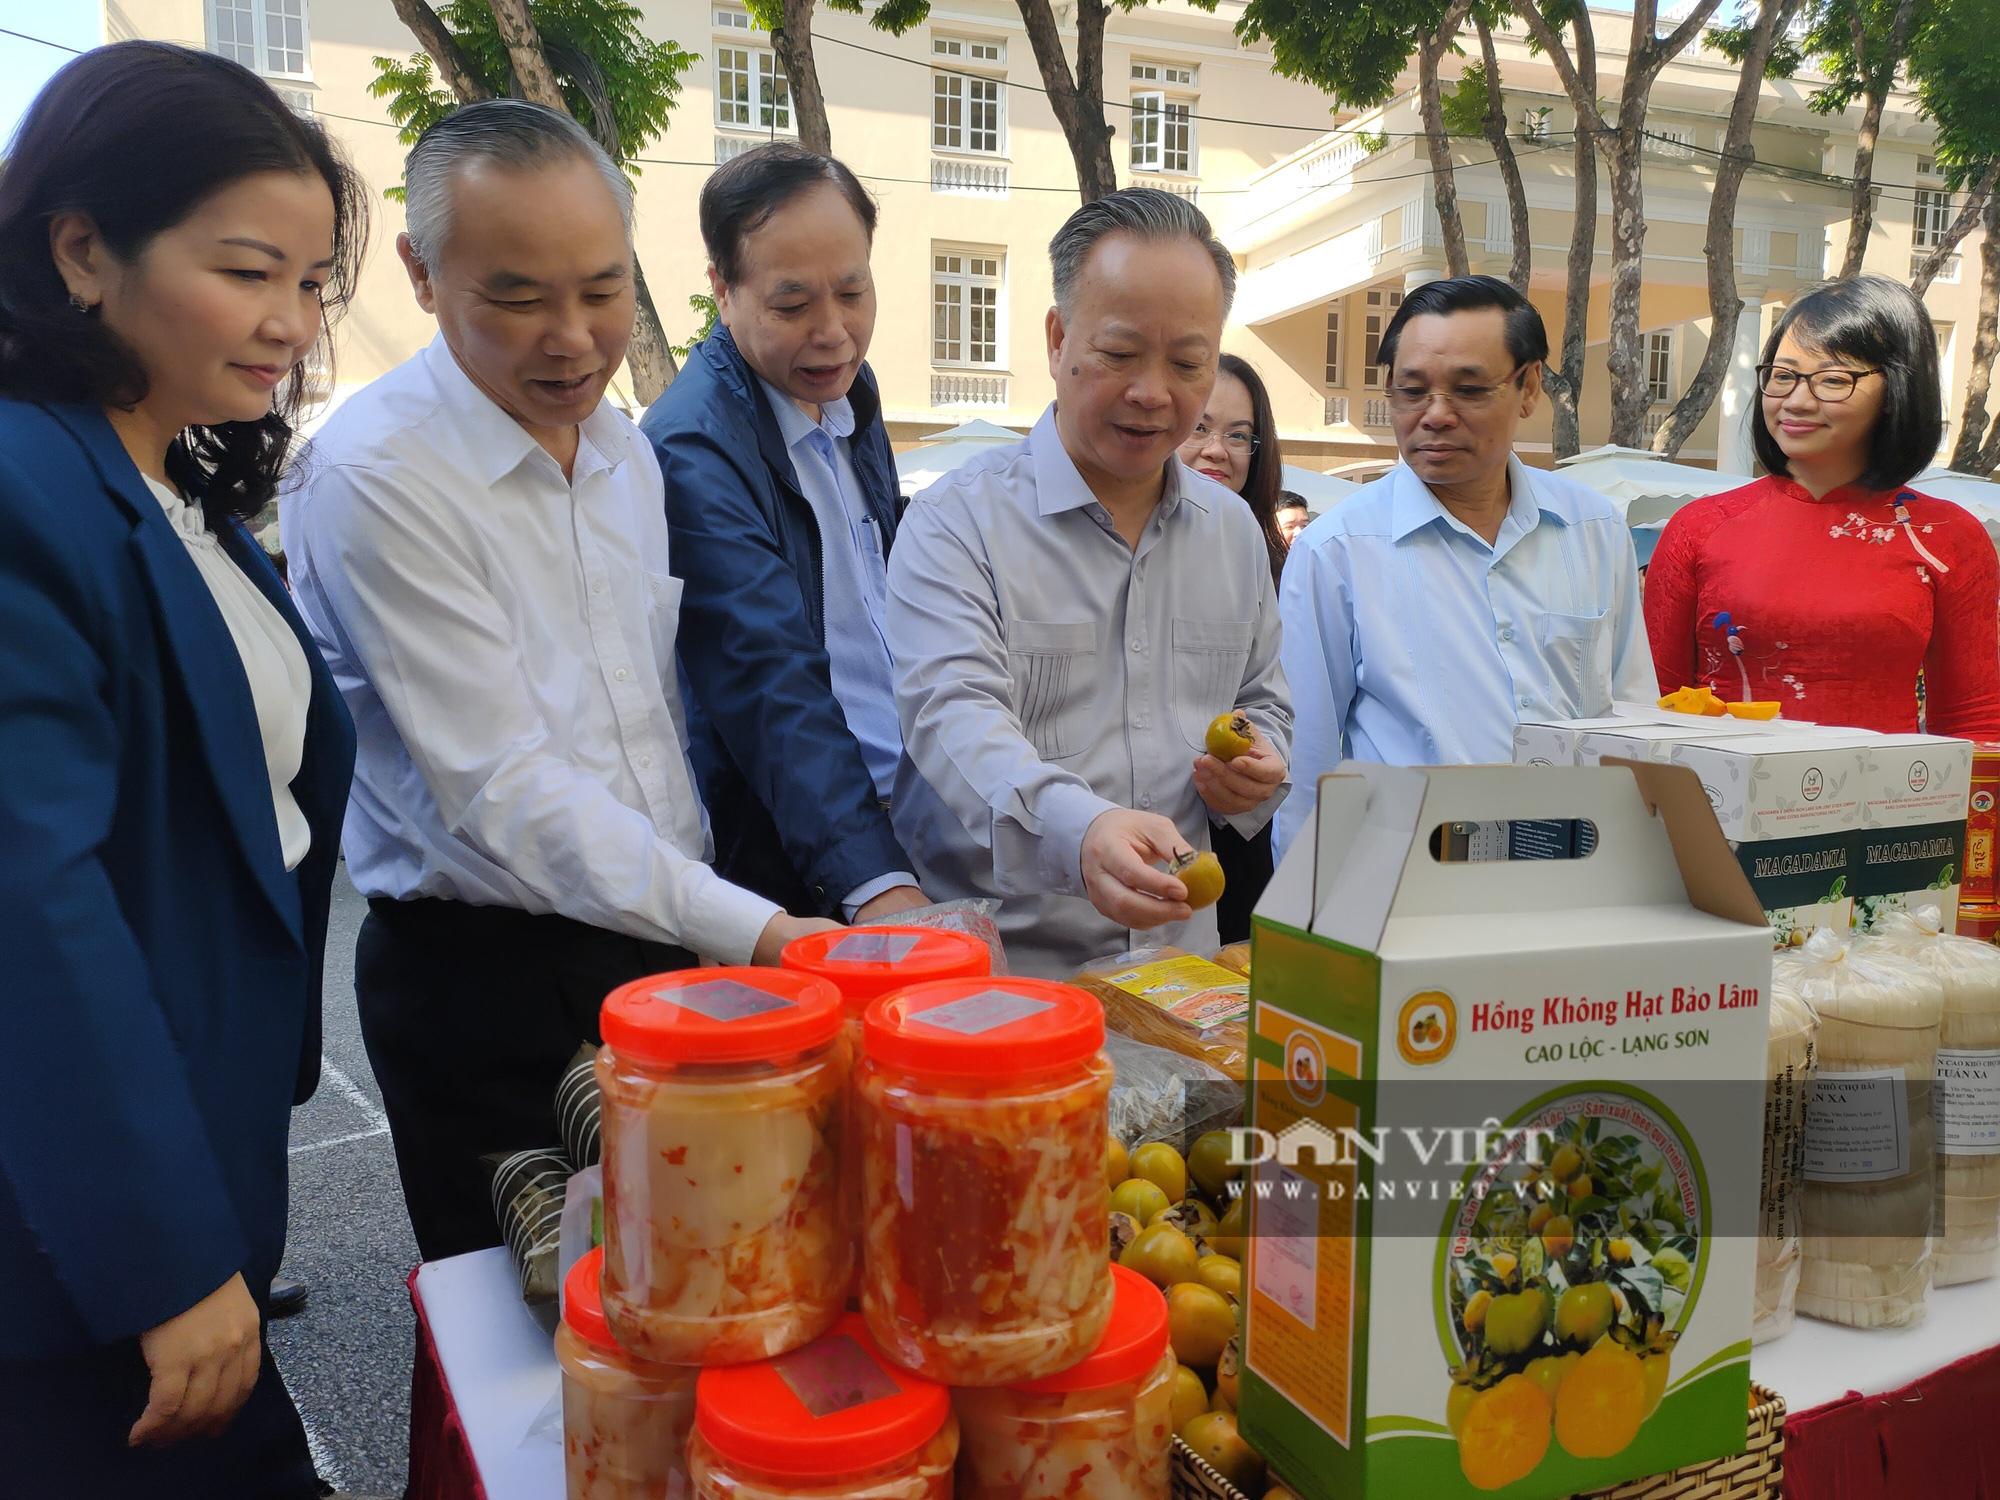 Canada tài trợ 280 tỷ đồng xây dựng lĩnh vực an toàn thực phẩm ở Việt Nam - Ảnh 1.